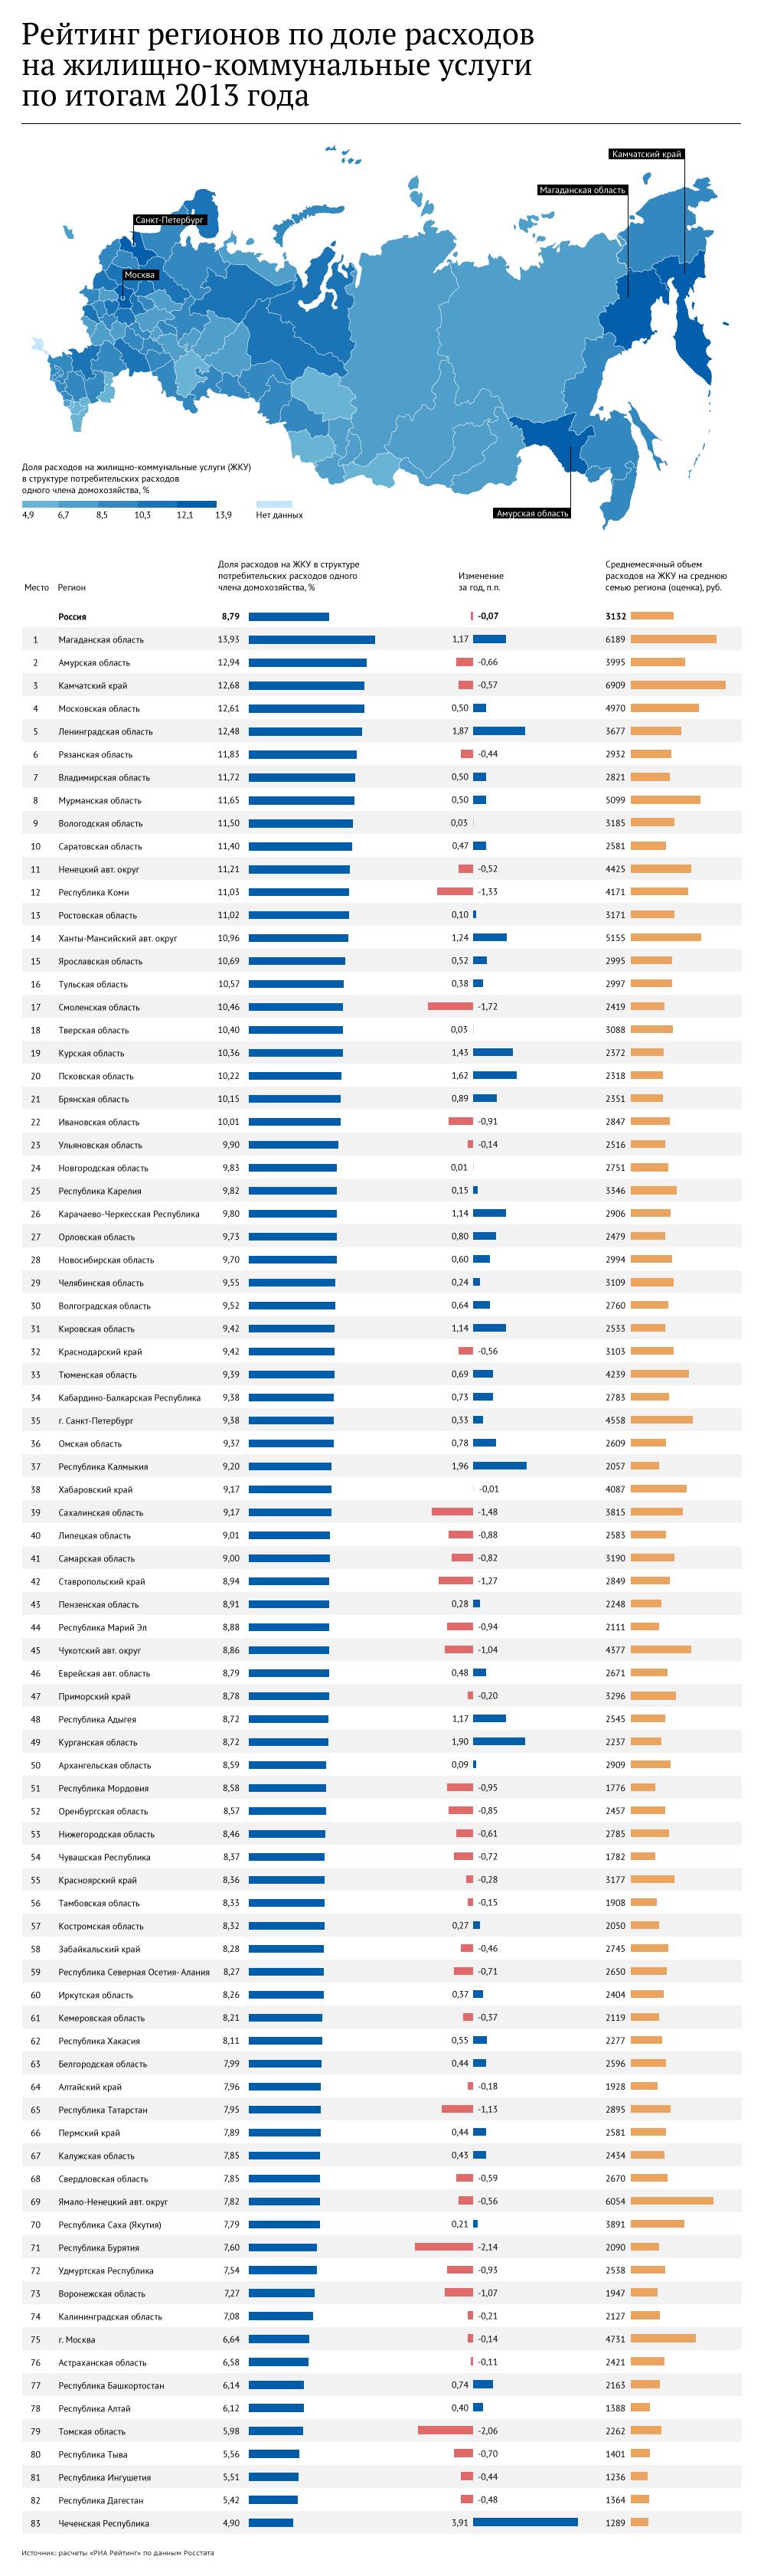 Рейтинг регионов по доле расходов на жилищно-коммунальные услуги по итогам 2013 года